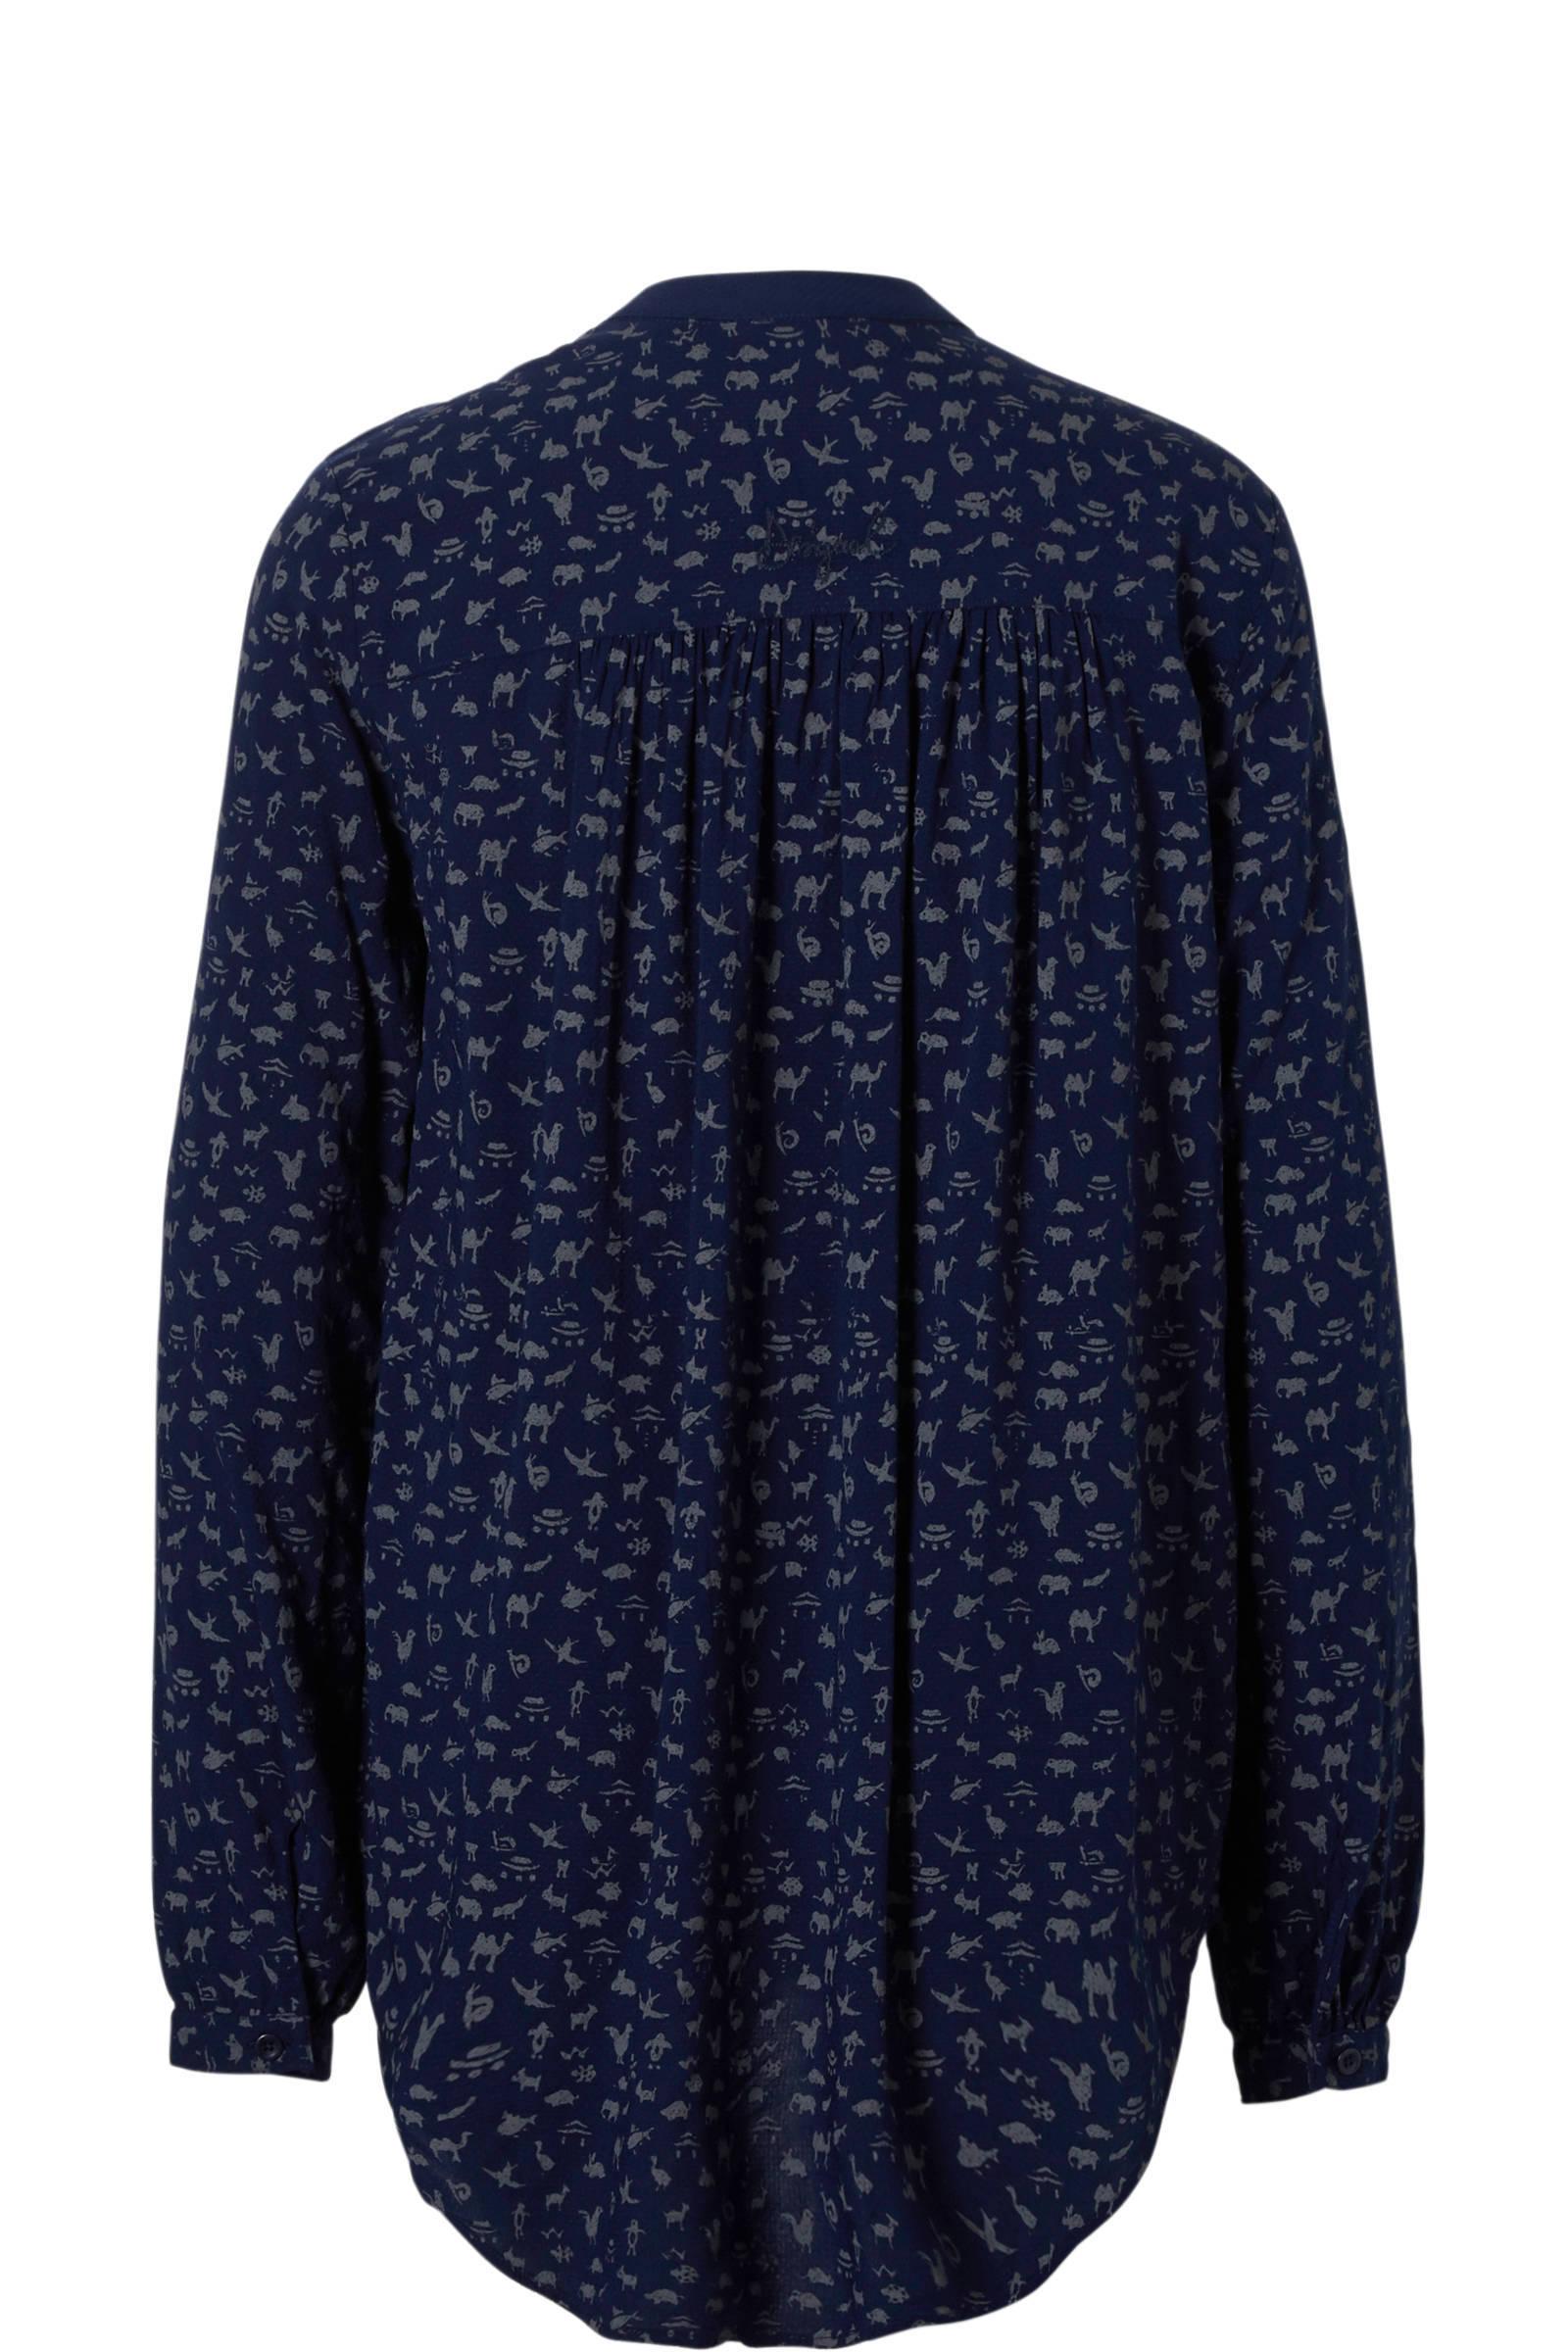 Desigual print blouse blouse Desigual Desigual print met met qOBwIxUT